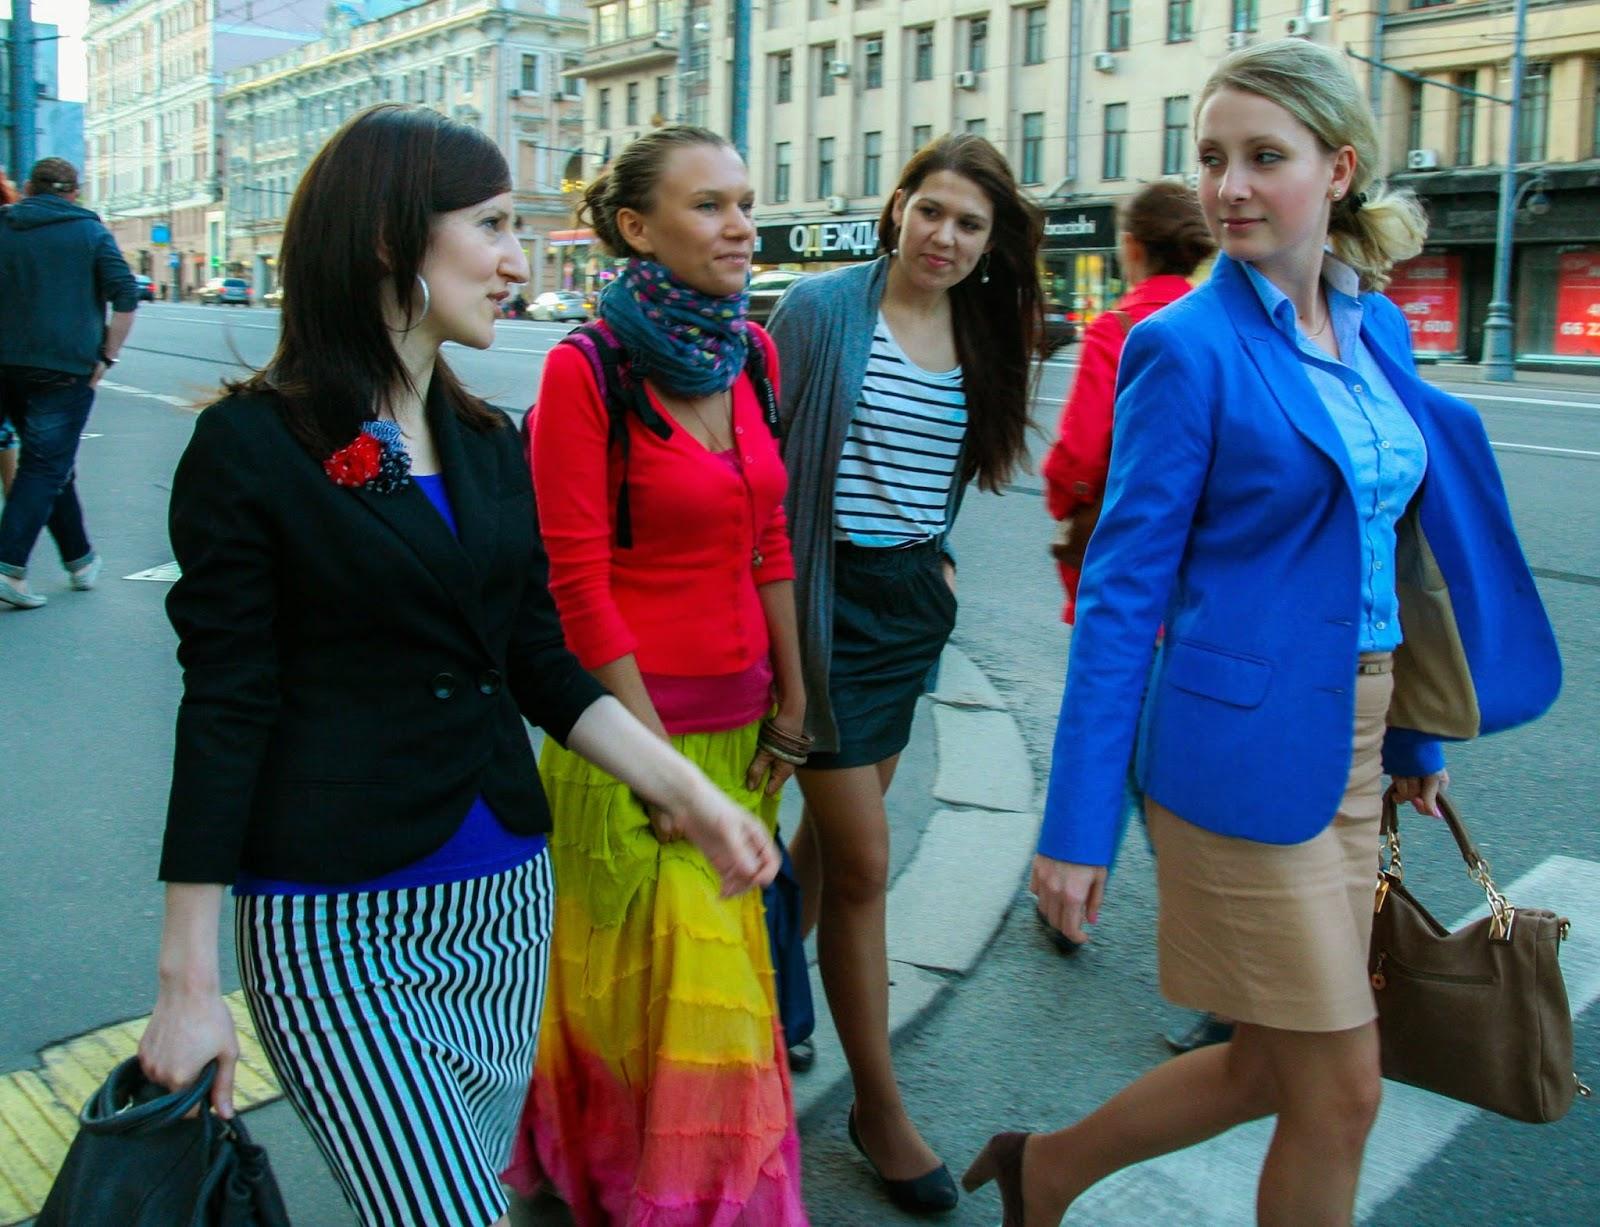 fotki-devchonok-s-druzyami-studentka